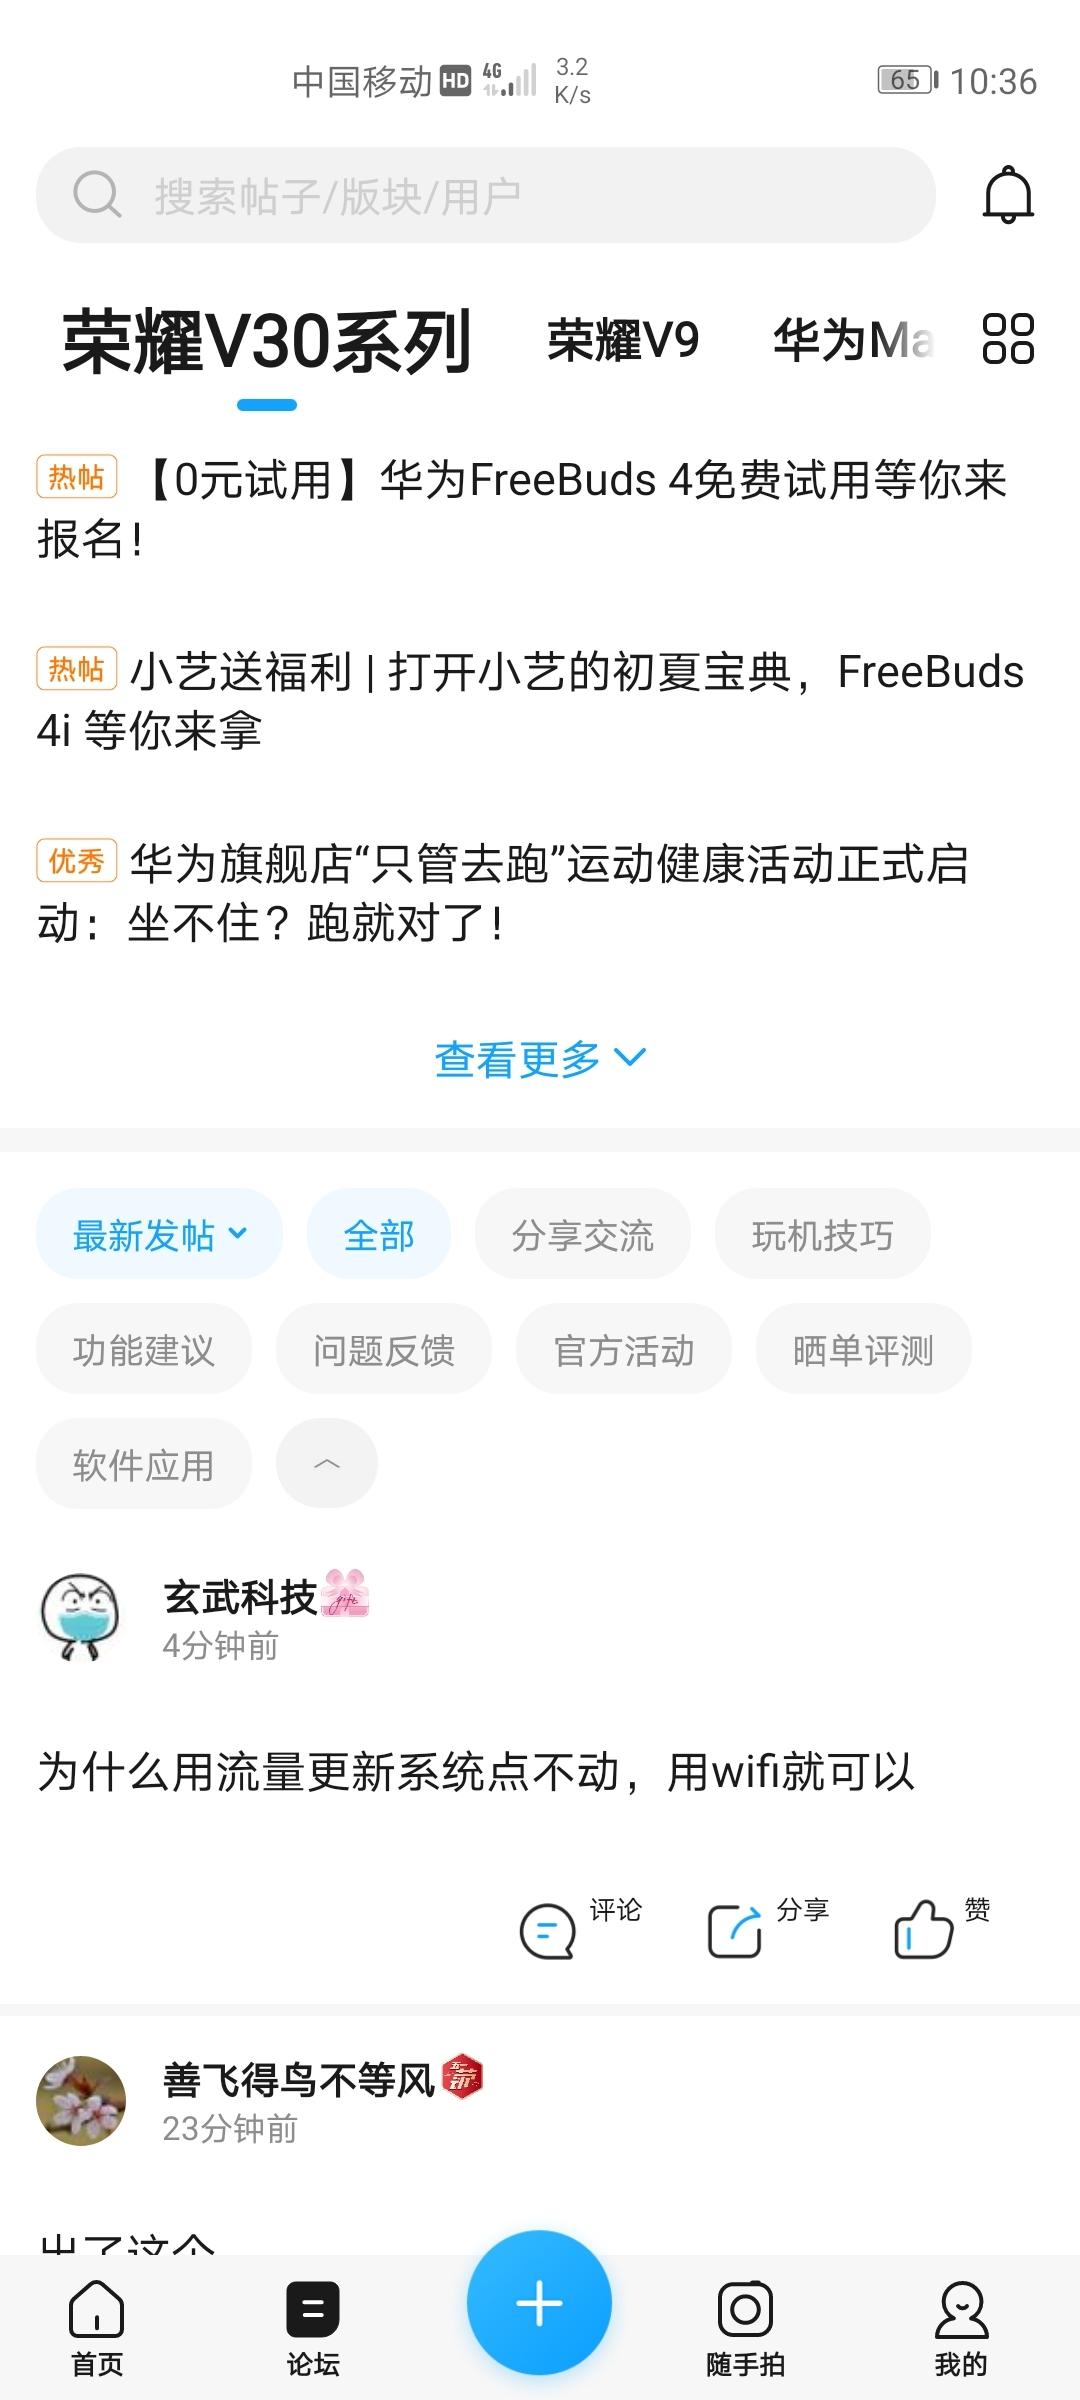 Screenshot_20210516_103614_com.huawei.fans.jpg